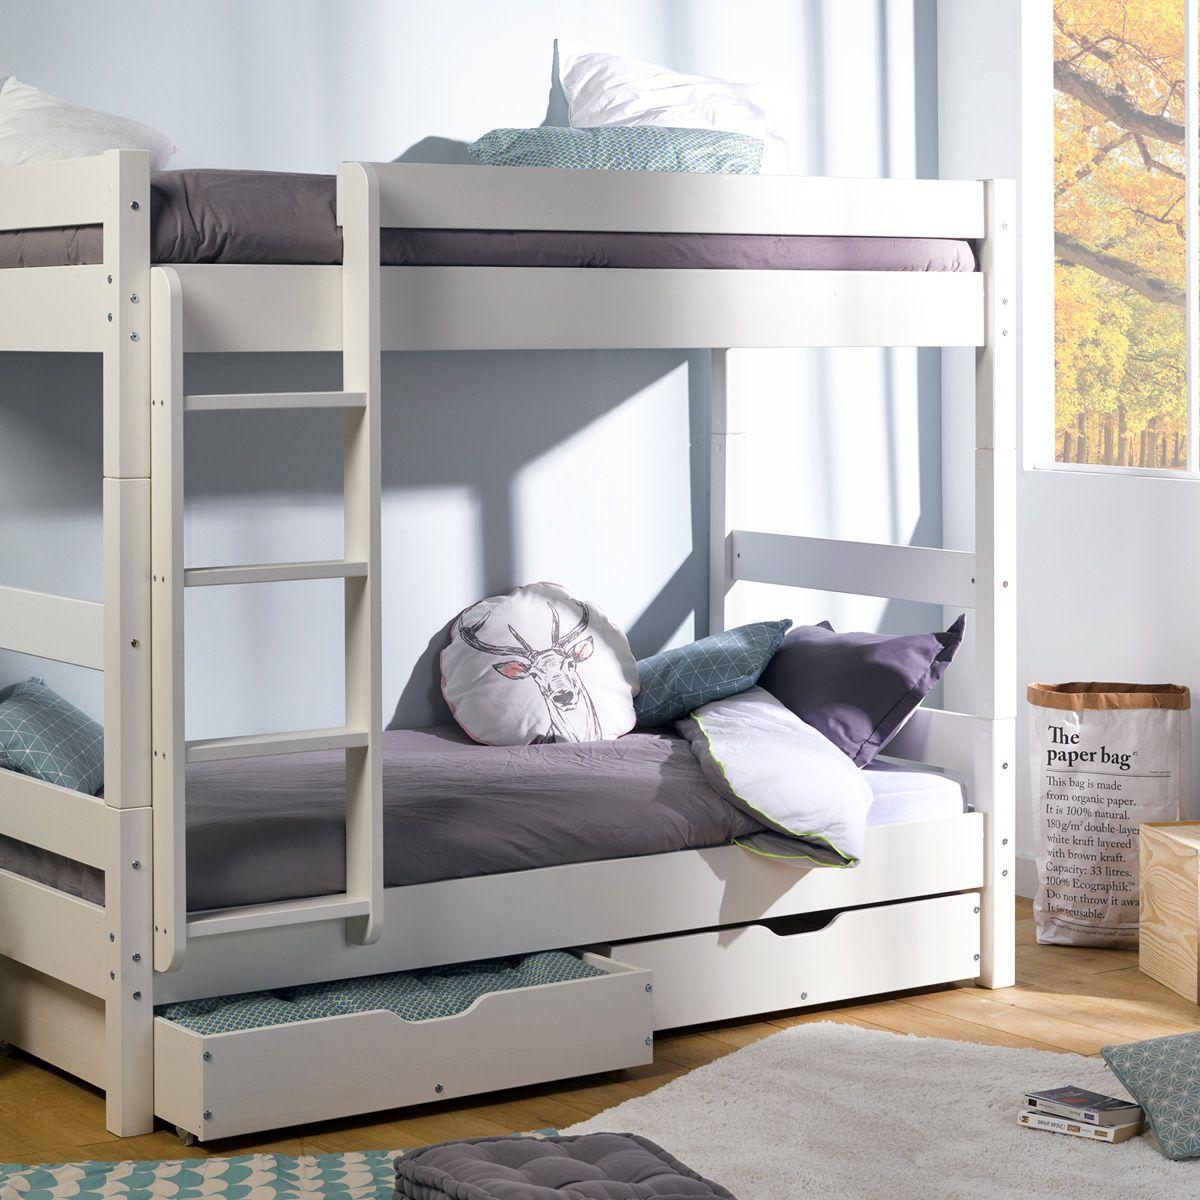 chambre enfant  collection wood  lit superposé lit